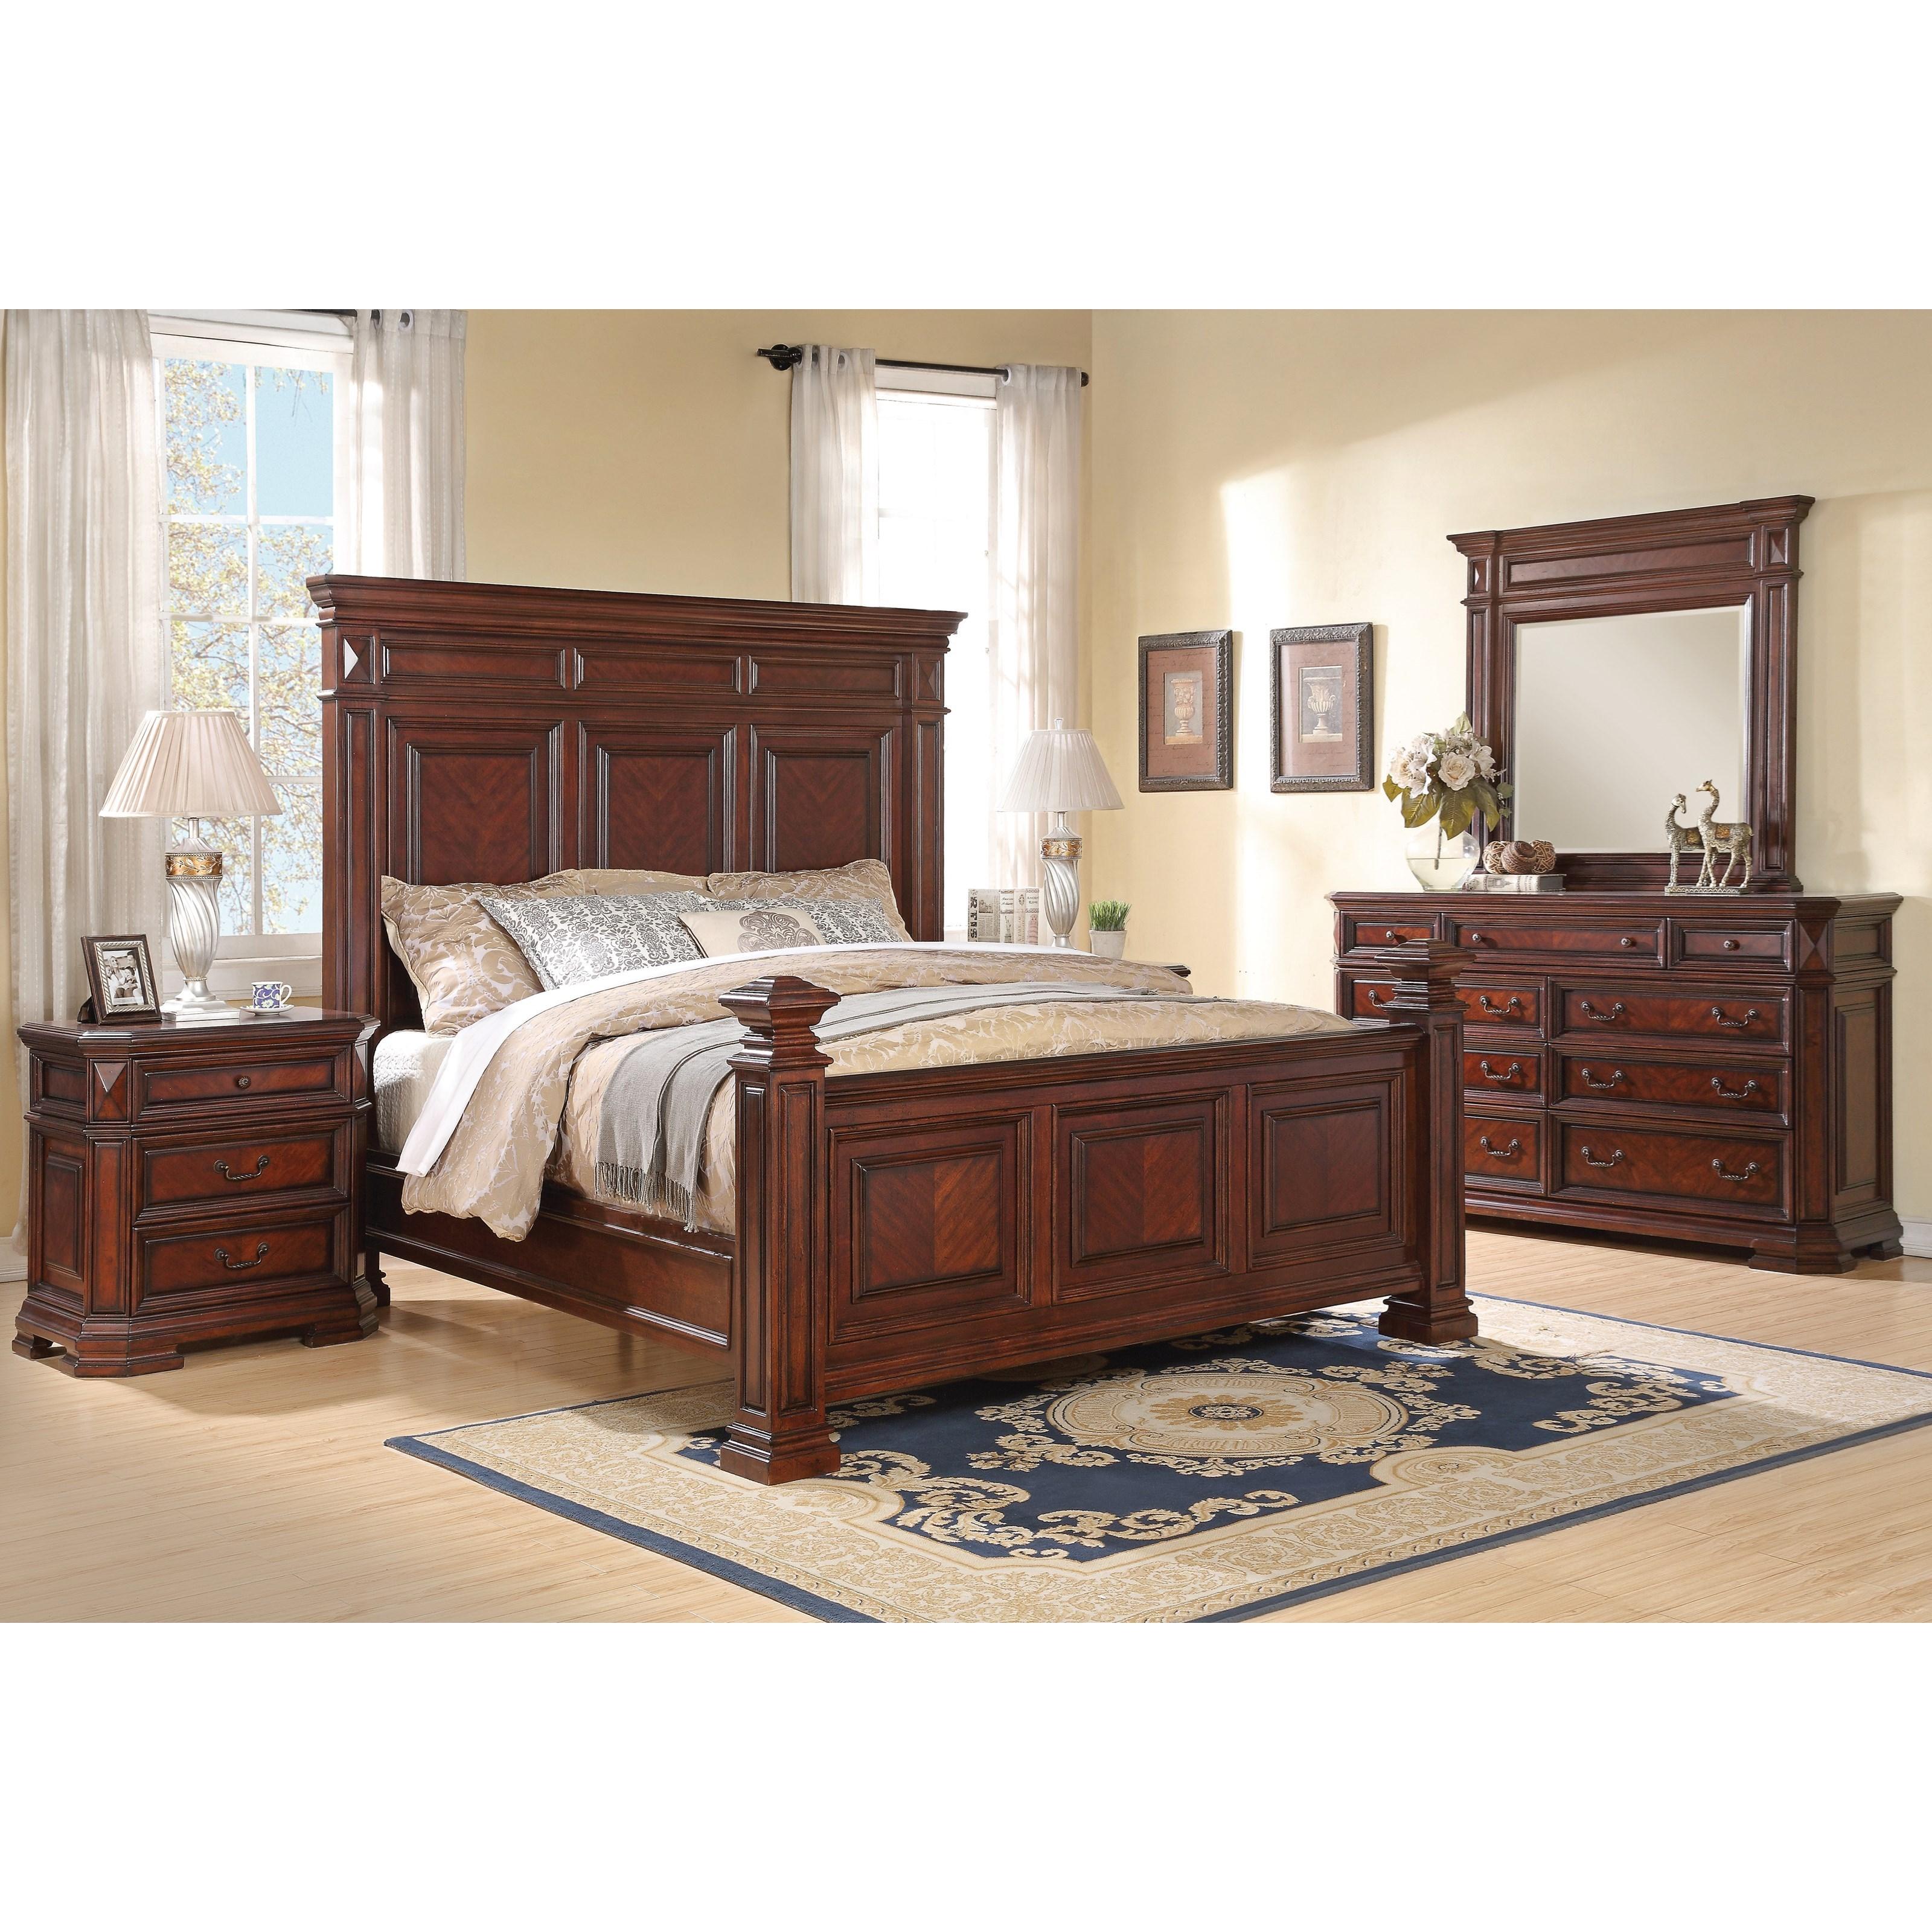 flexsteel wynwood collection westchester traditional queen bedroom group